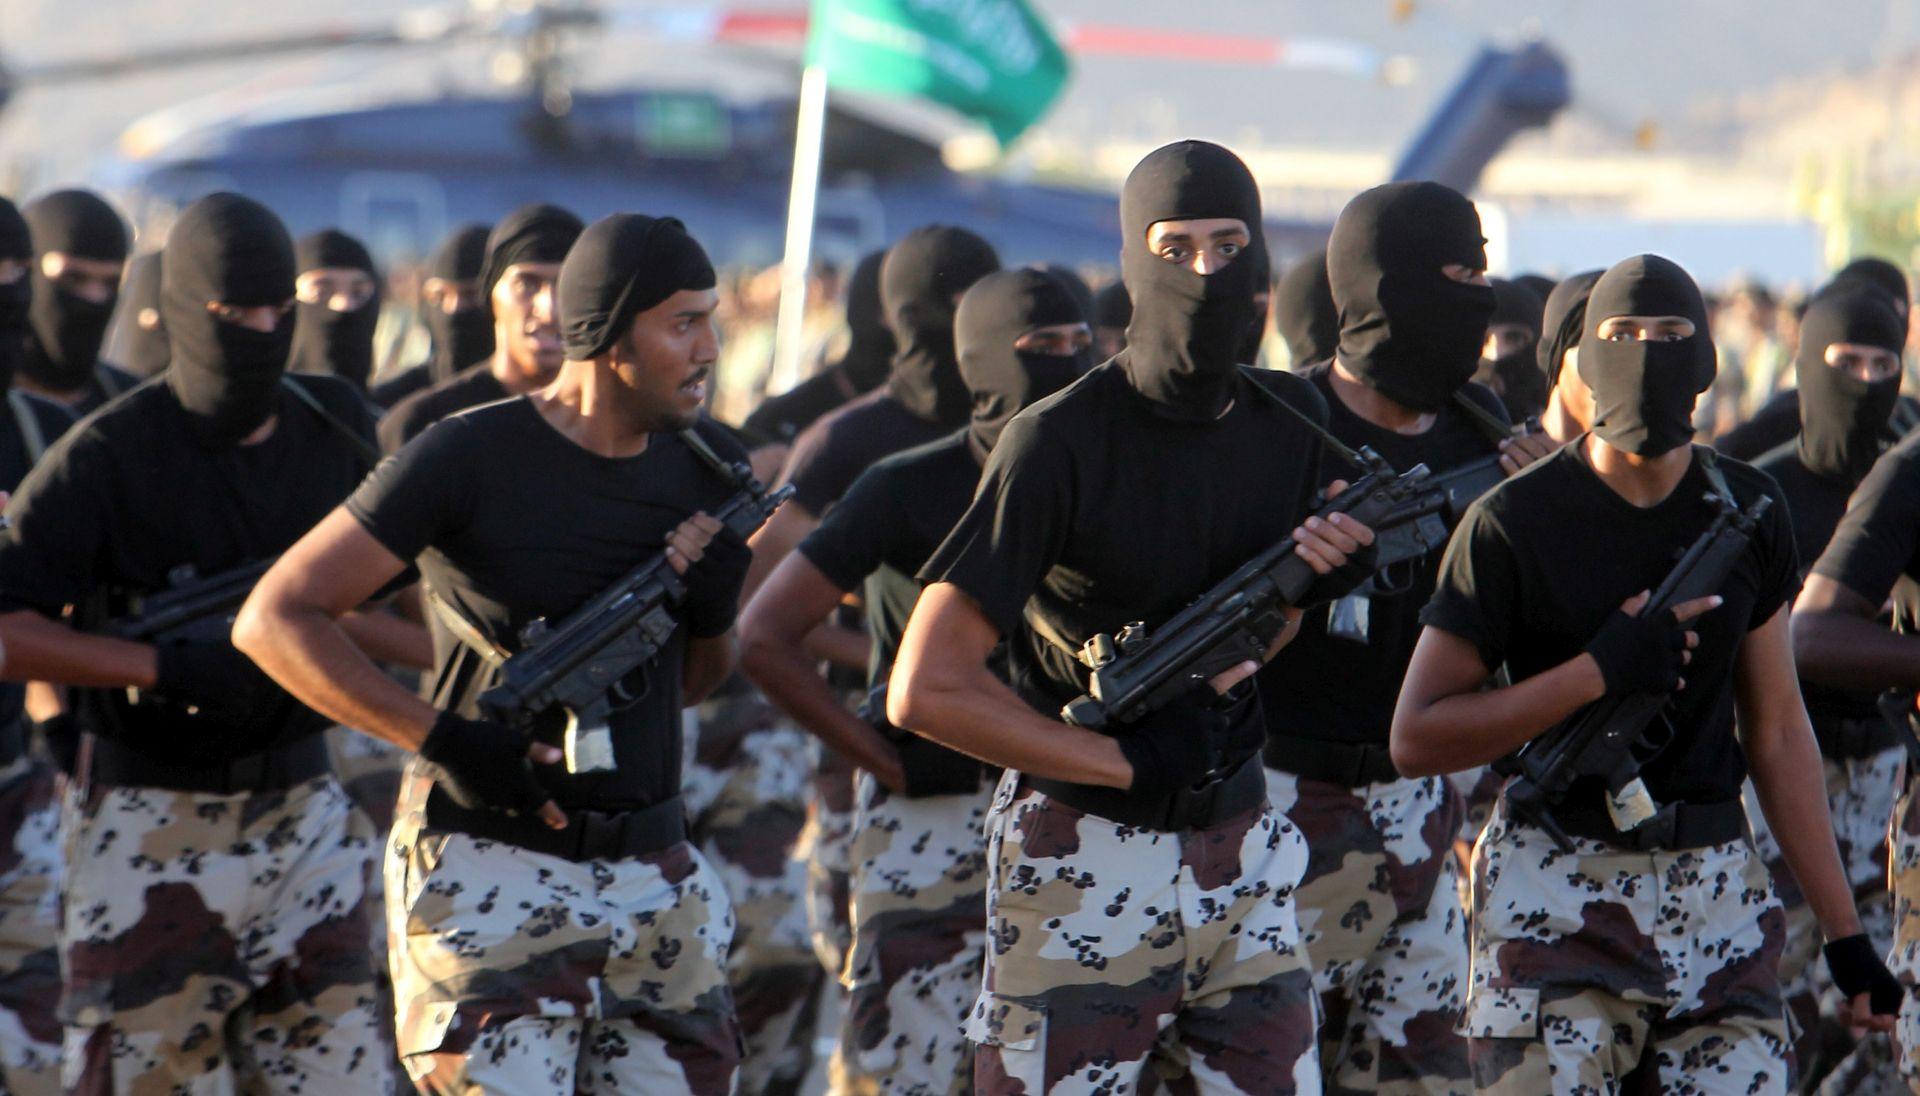 CENTRI ZA NOVAČENJE: U Francuskoj raspuštene tri muslimanske vjerske grupe osumnjičene za radikalizaciju